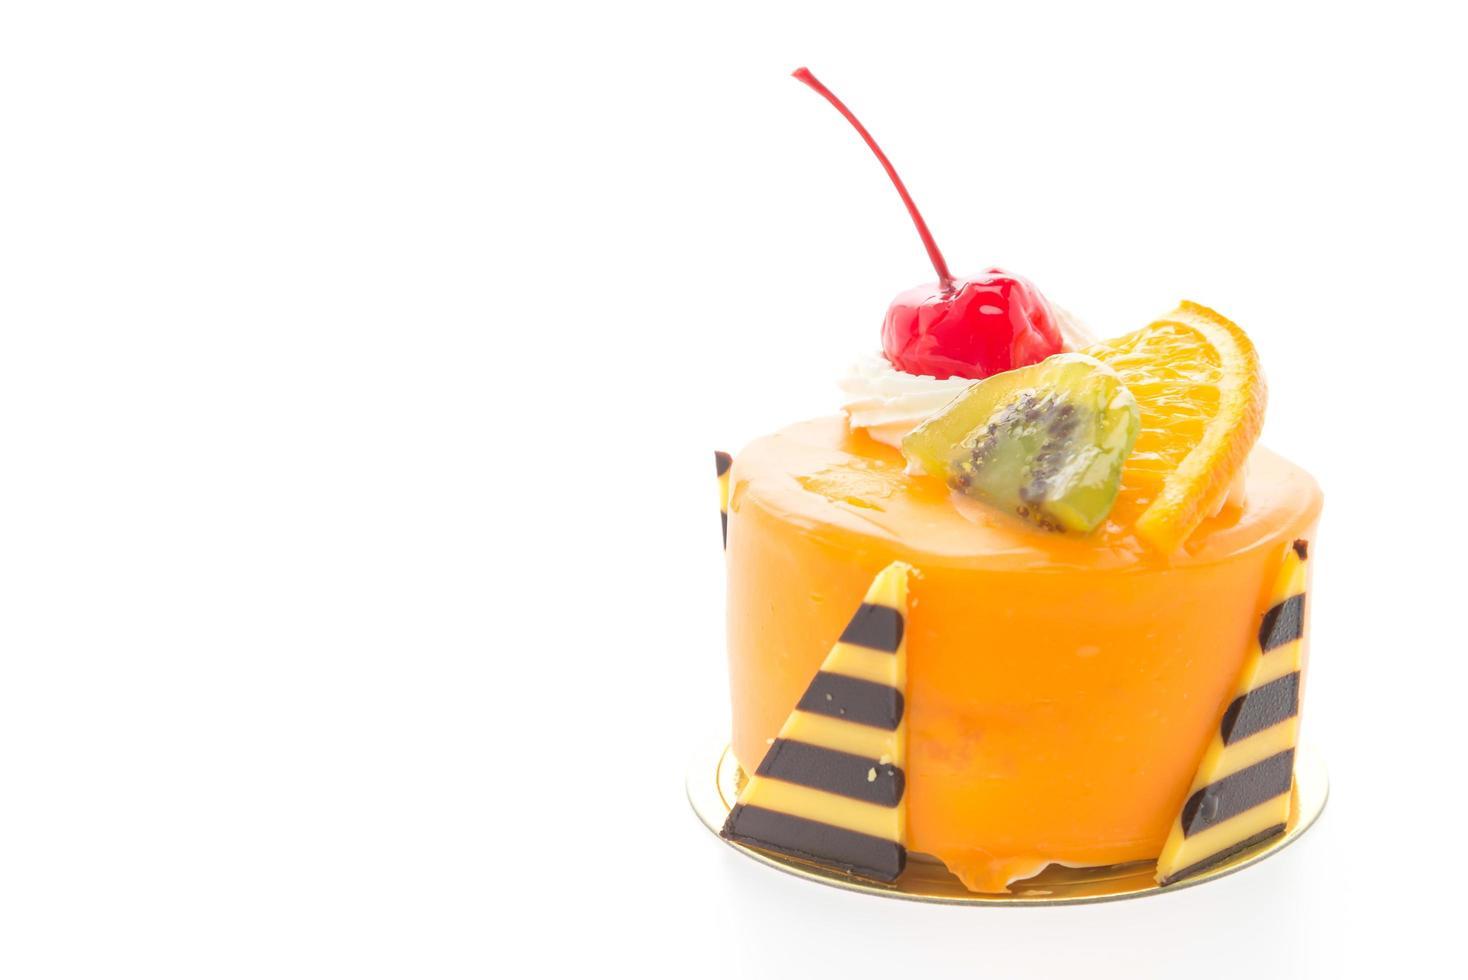 oranje fruitcake geïsoleerd op een witte achtergrond foto